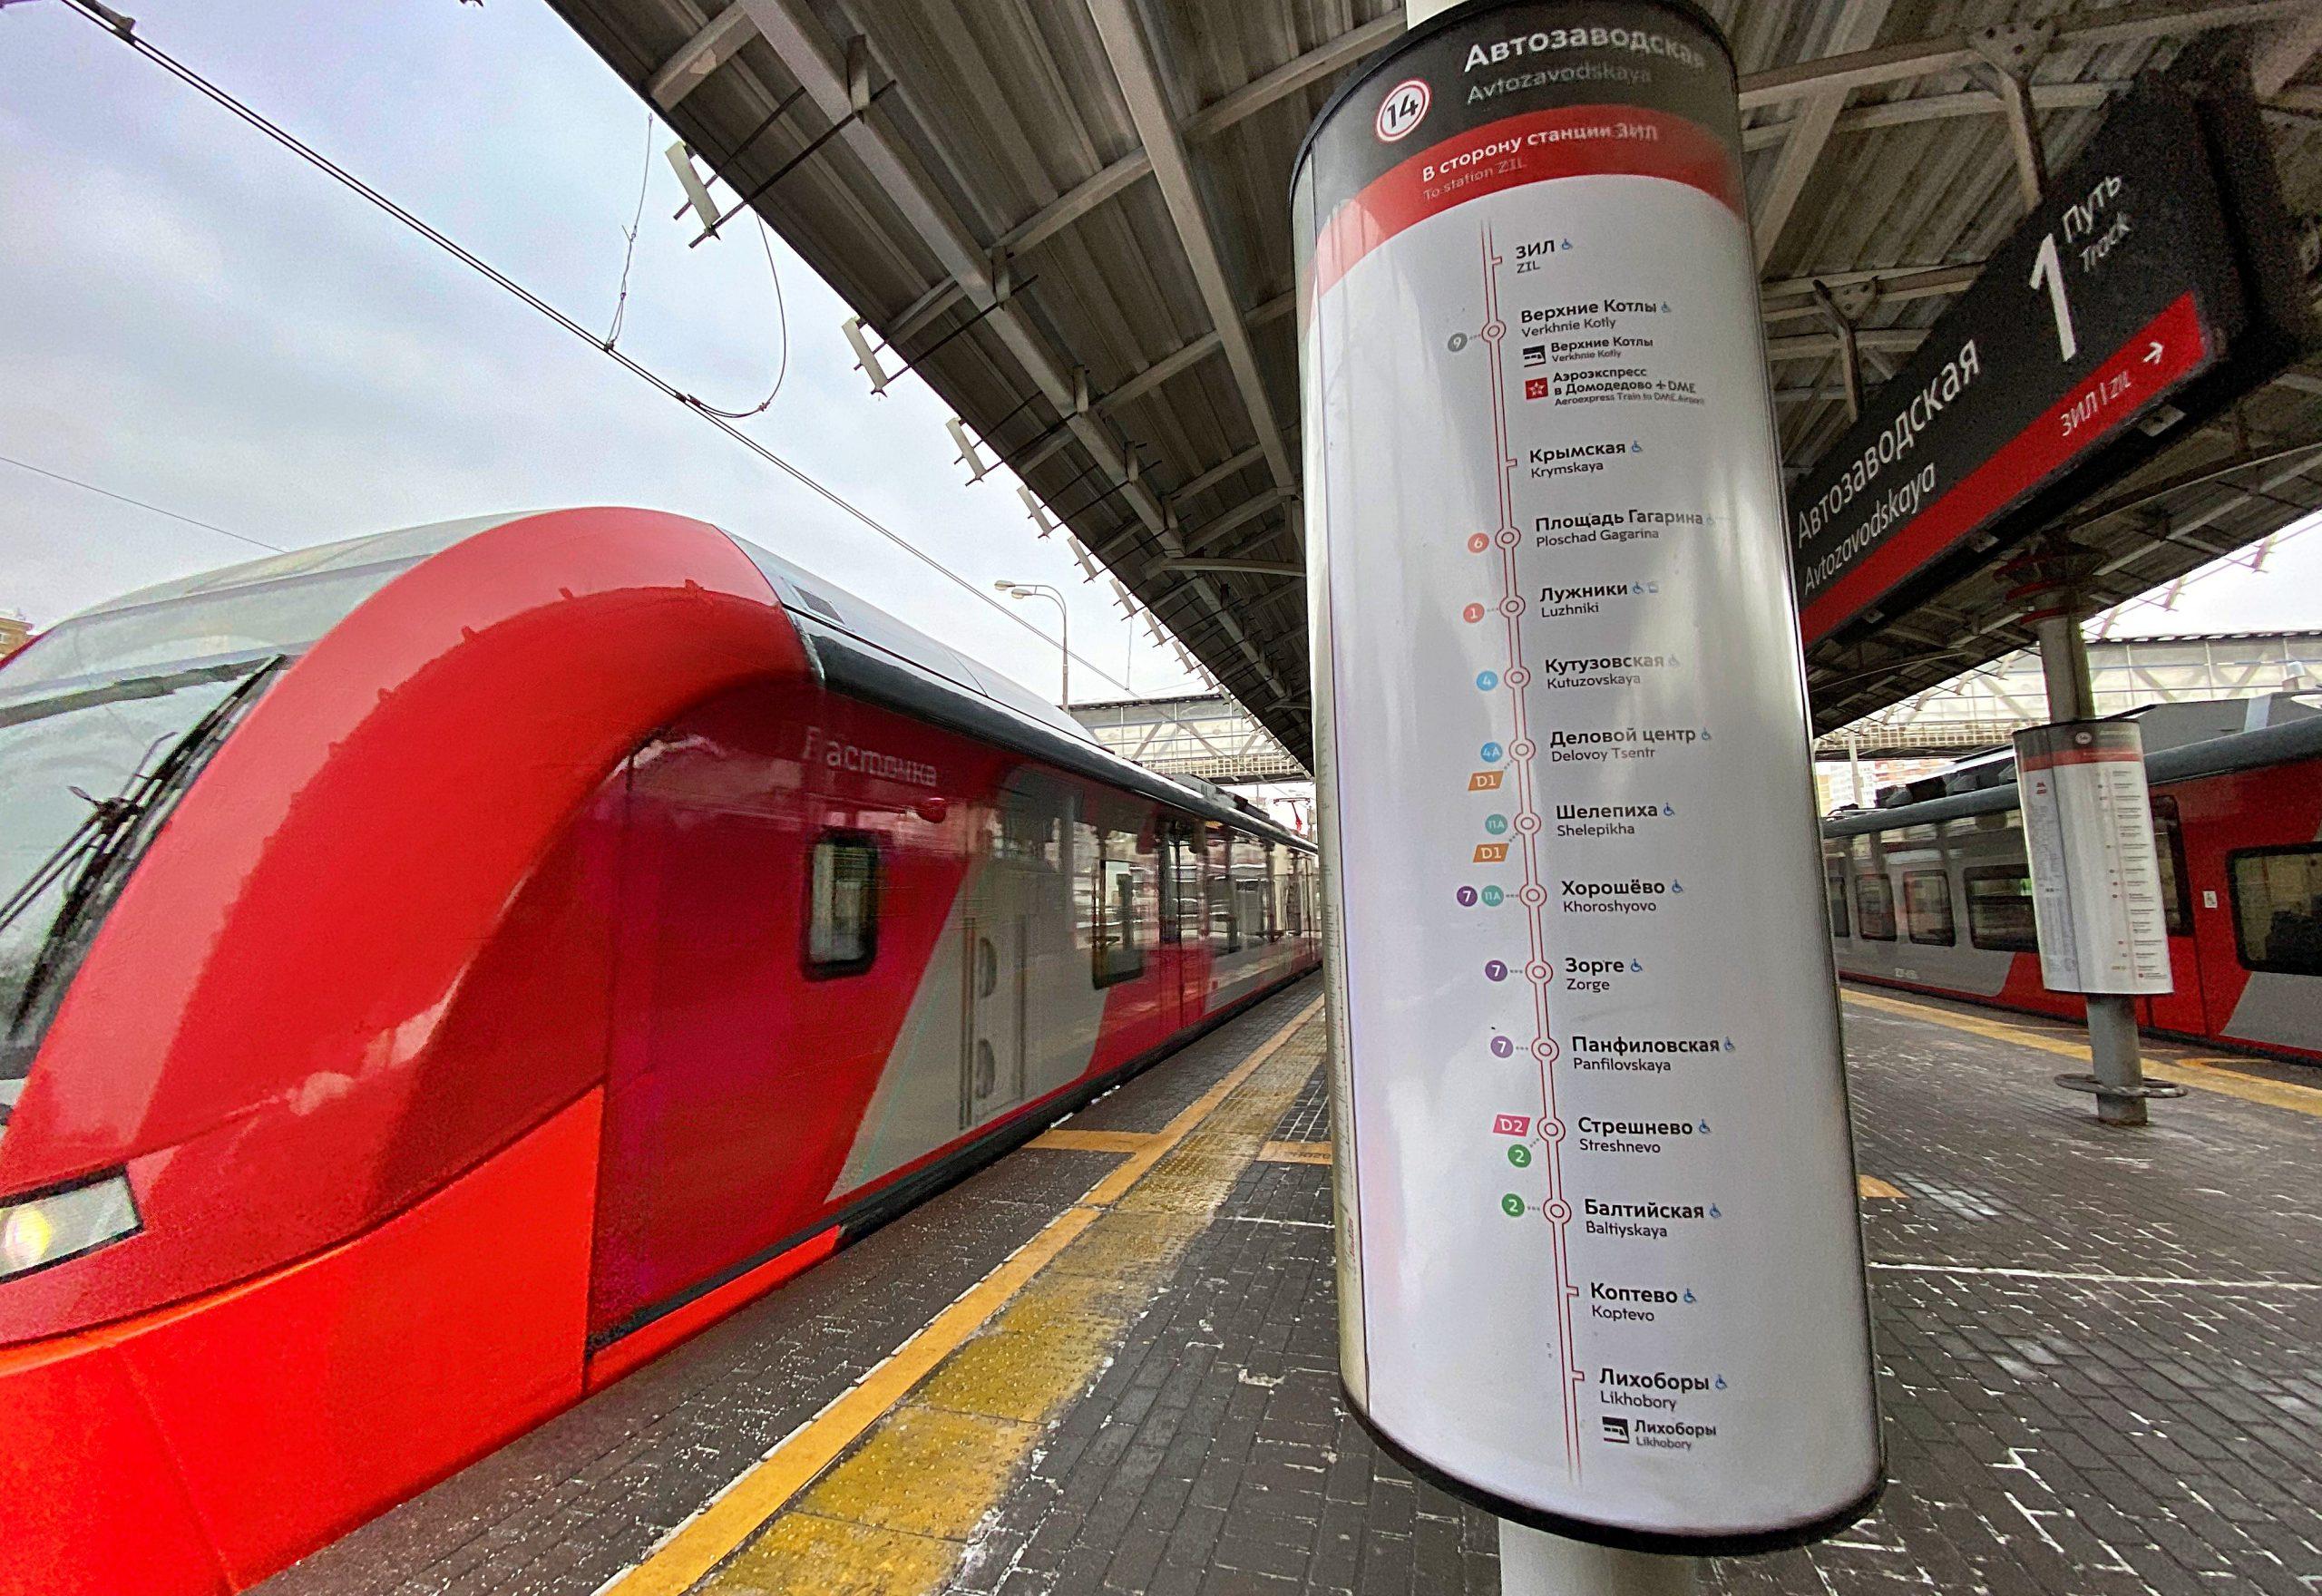 Пассажиры совершили около 315 тысяч бесплатных поездок по Московскому центральному кольцу